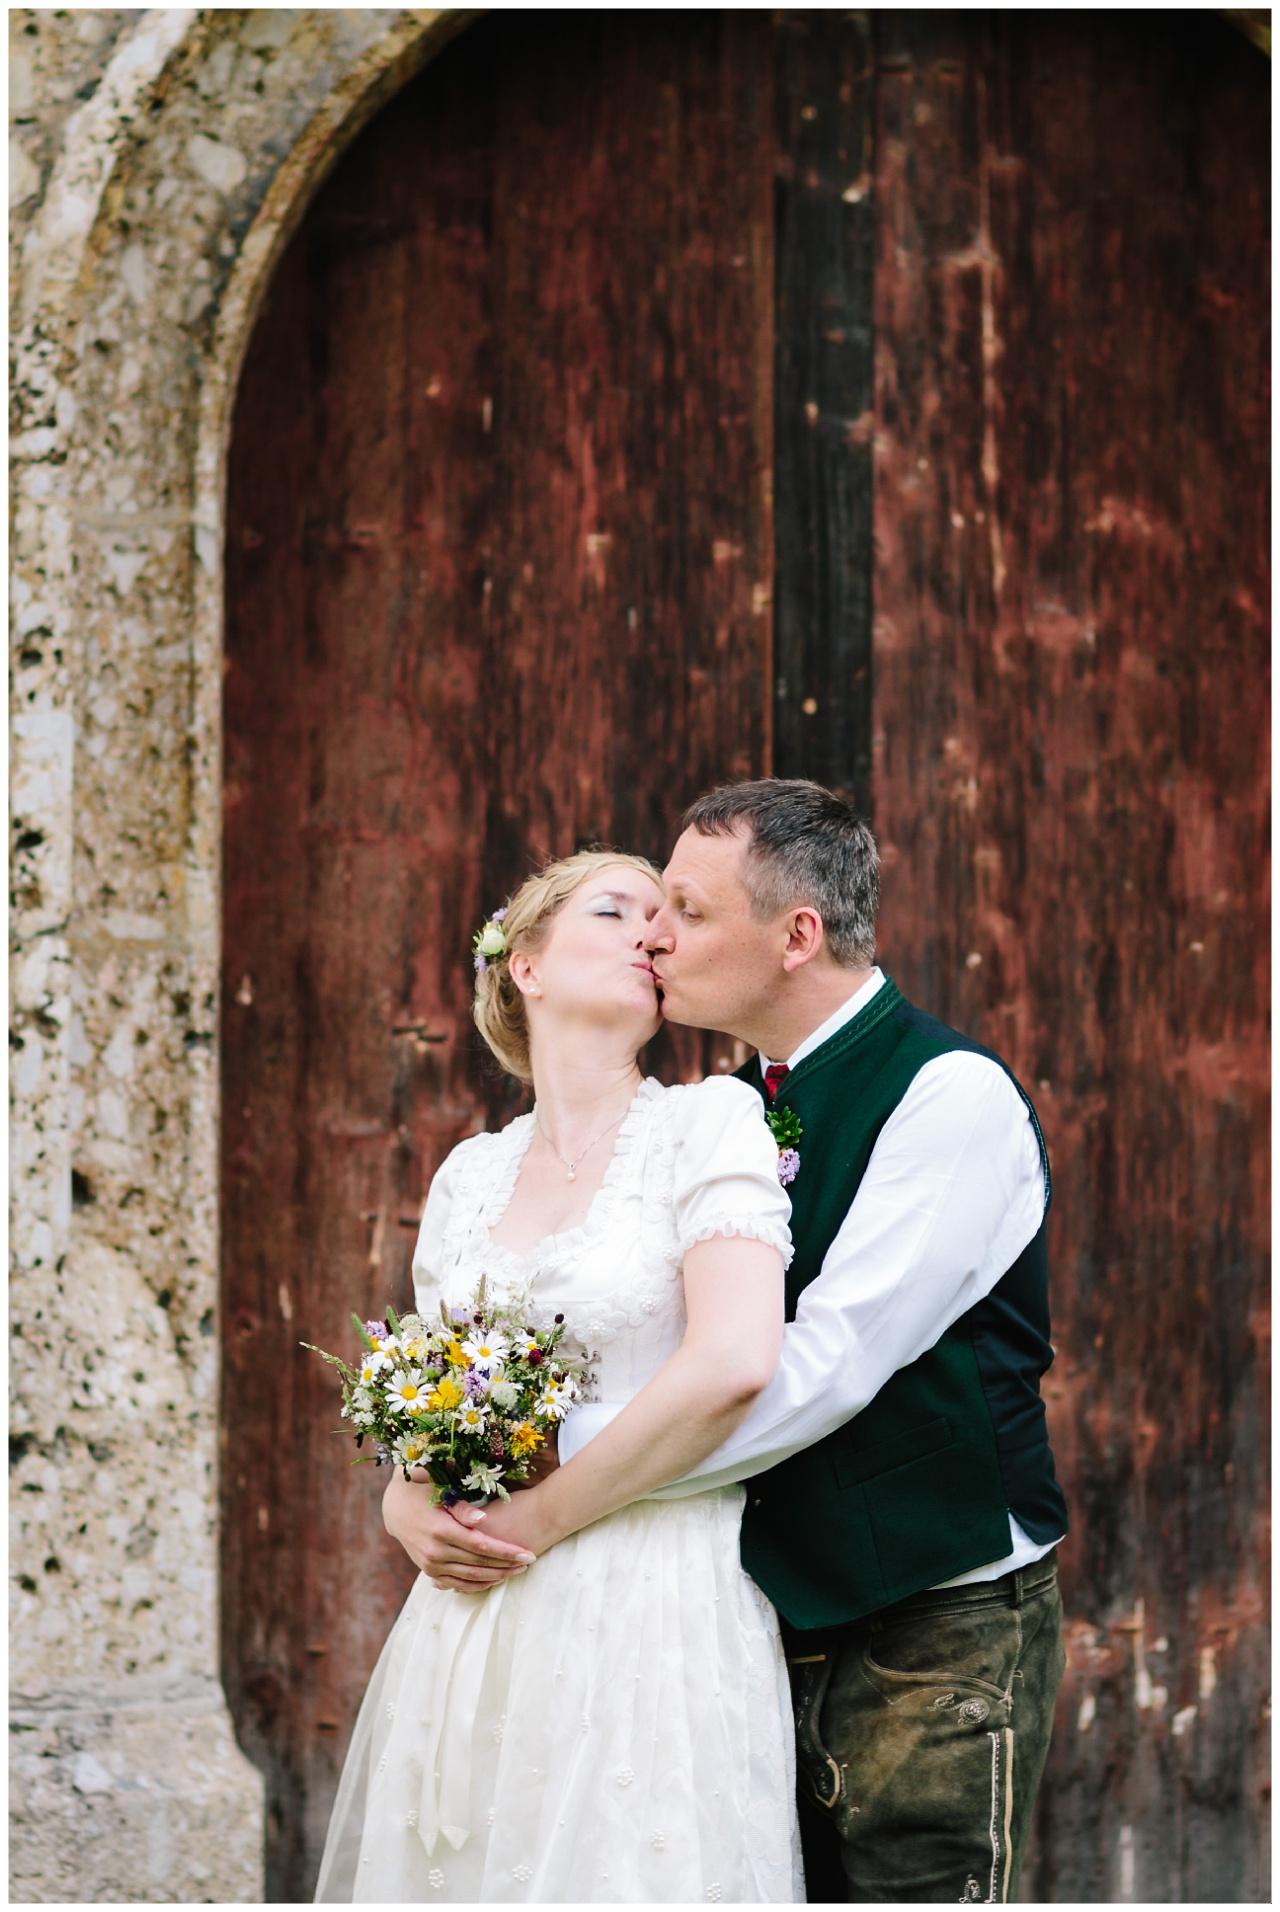 Hochzeitsfotograf Seefeld Standesamt 1